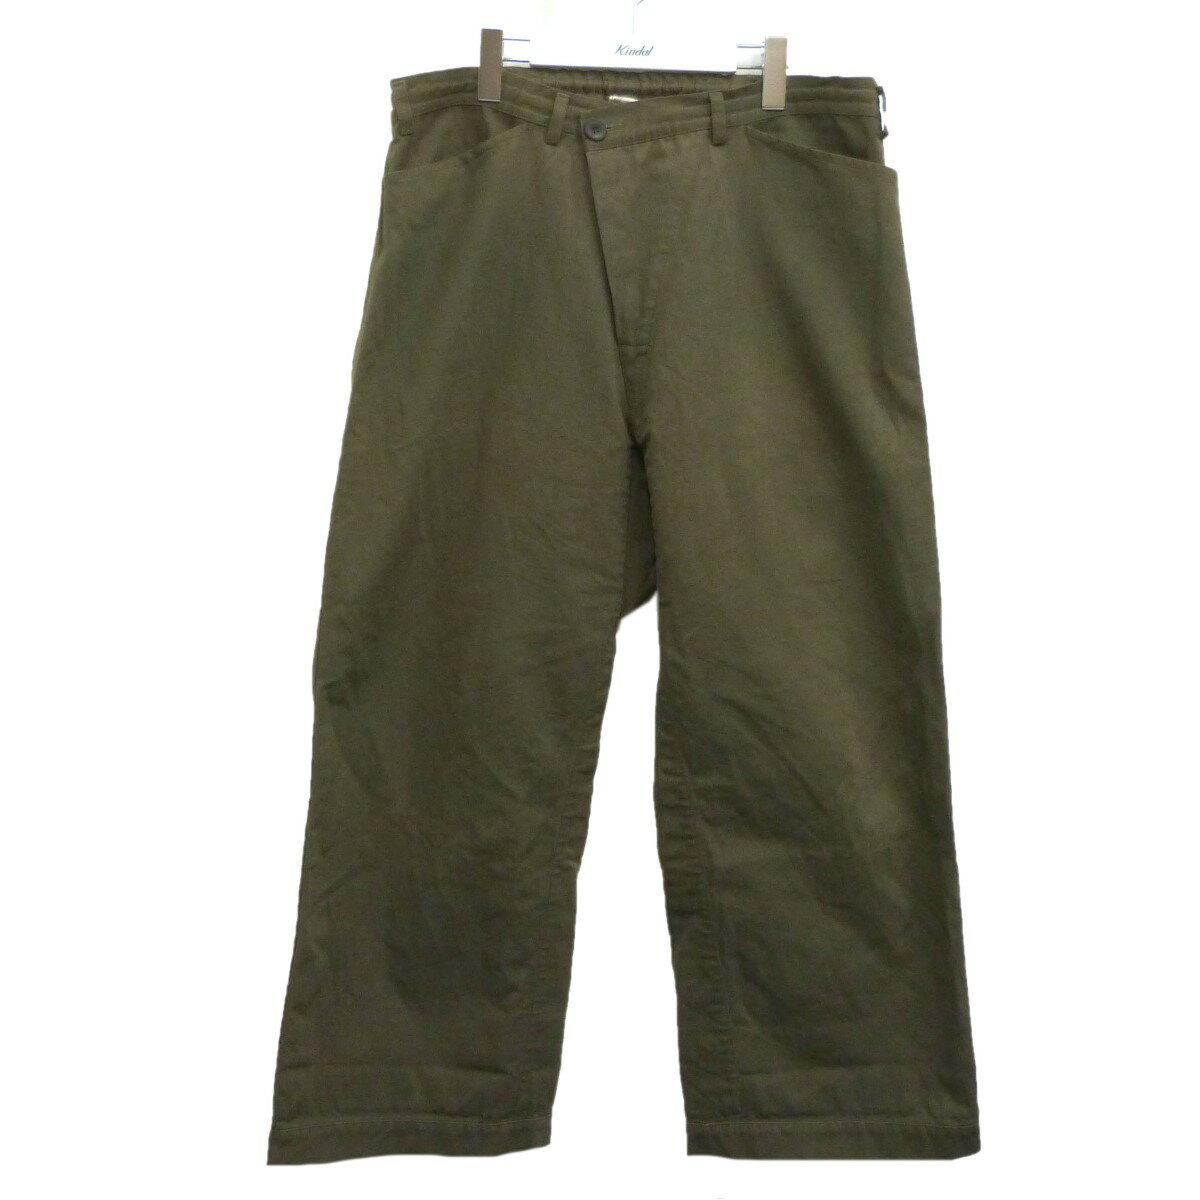 メンズファッション, ズボン・パンツ JAN-JAN VAN ESSCHE M 1018